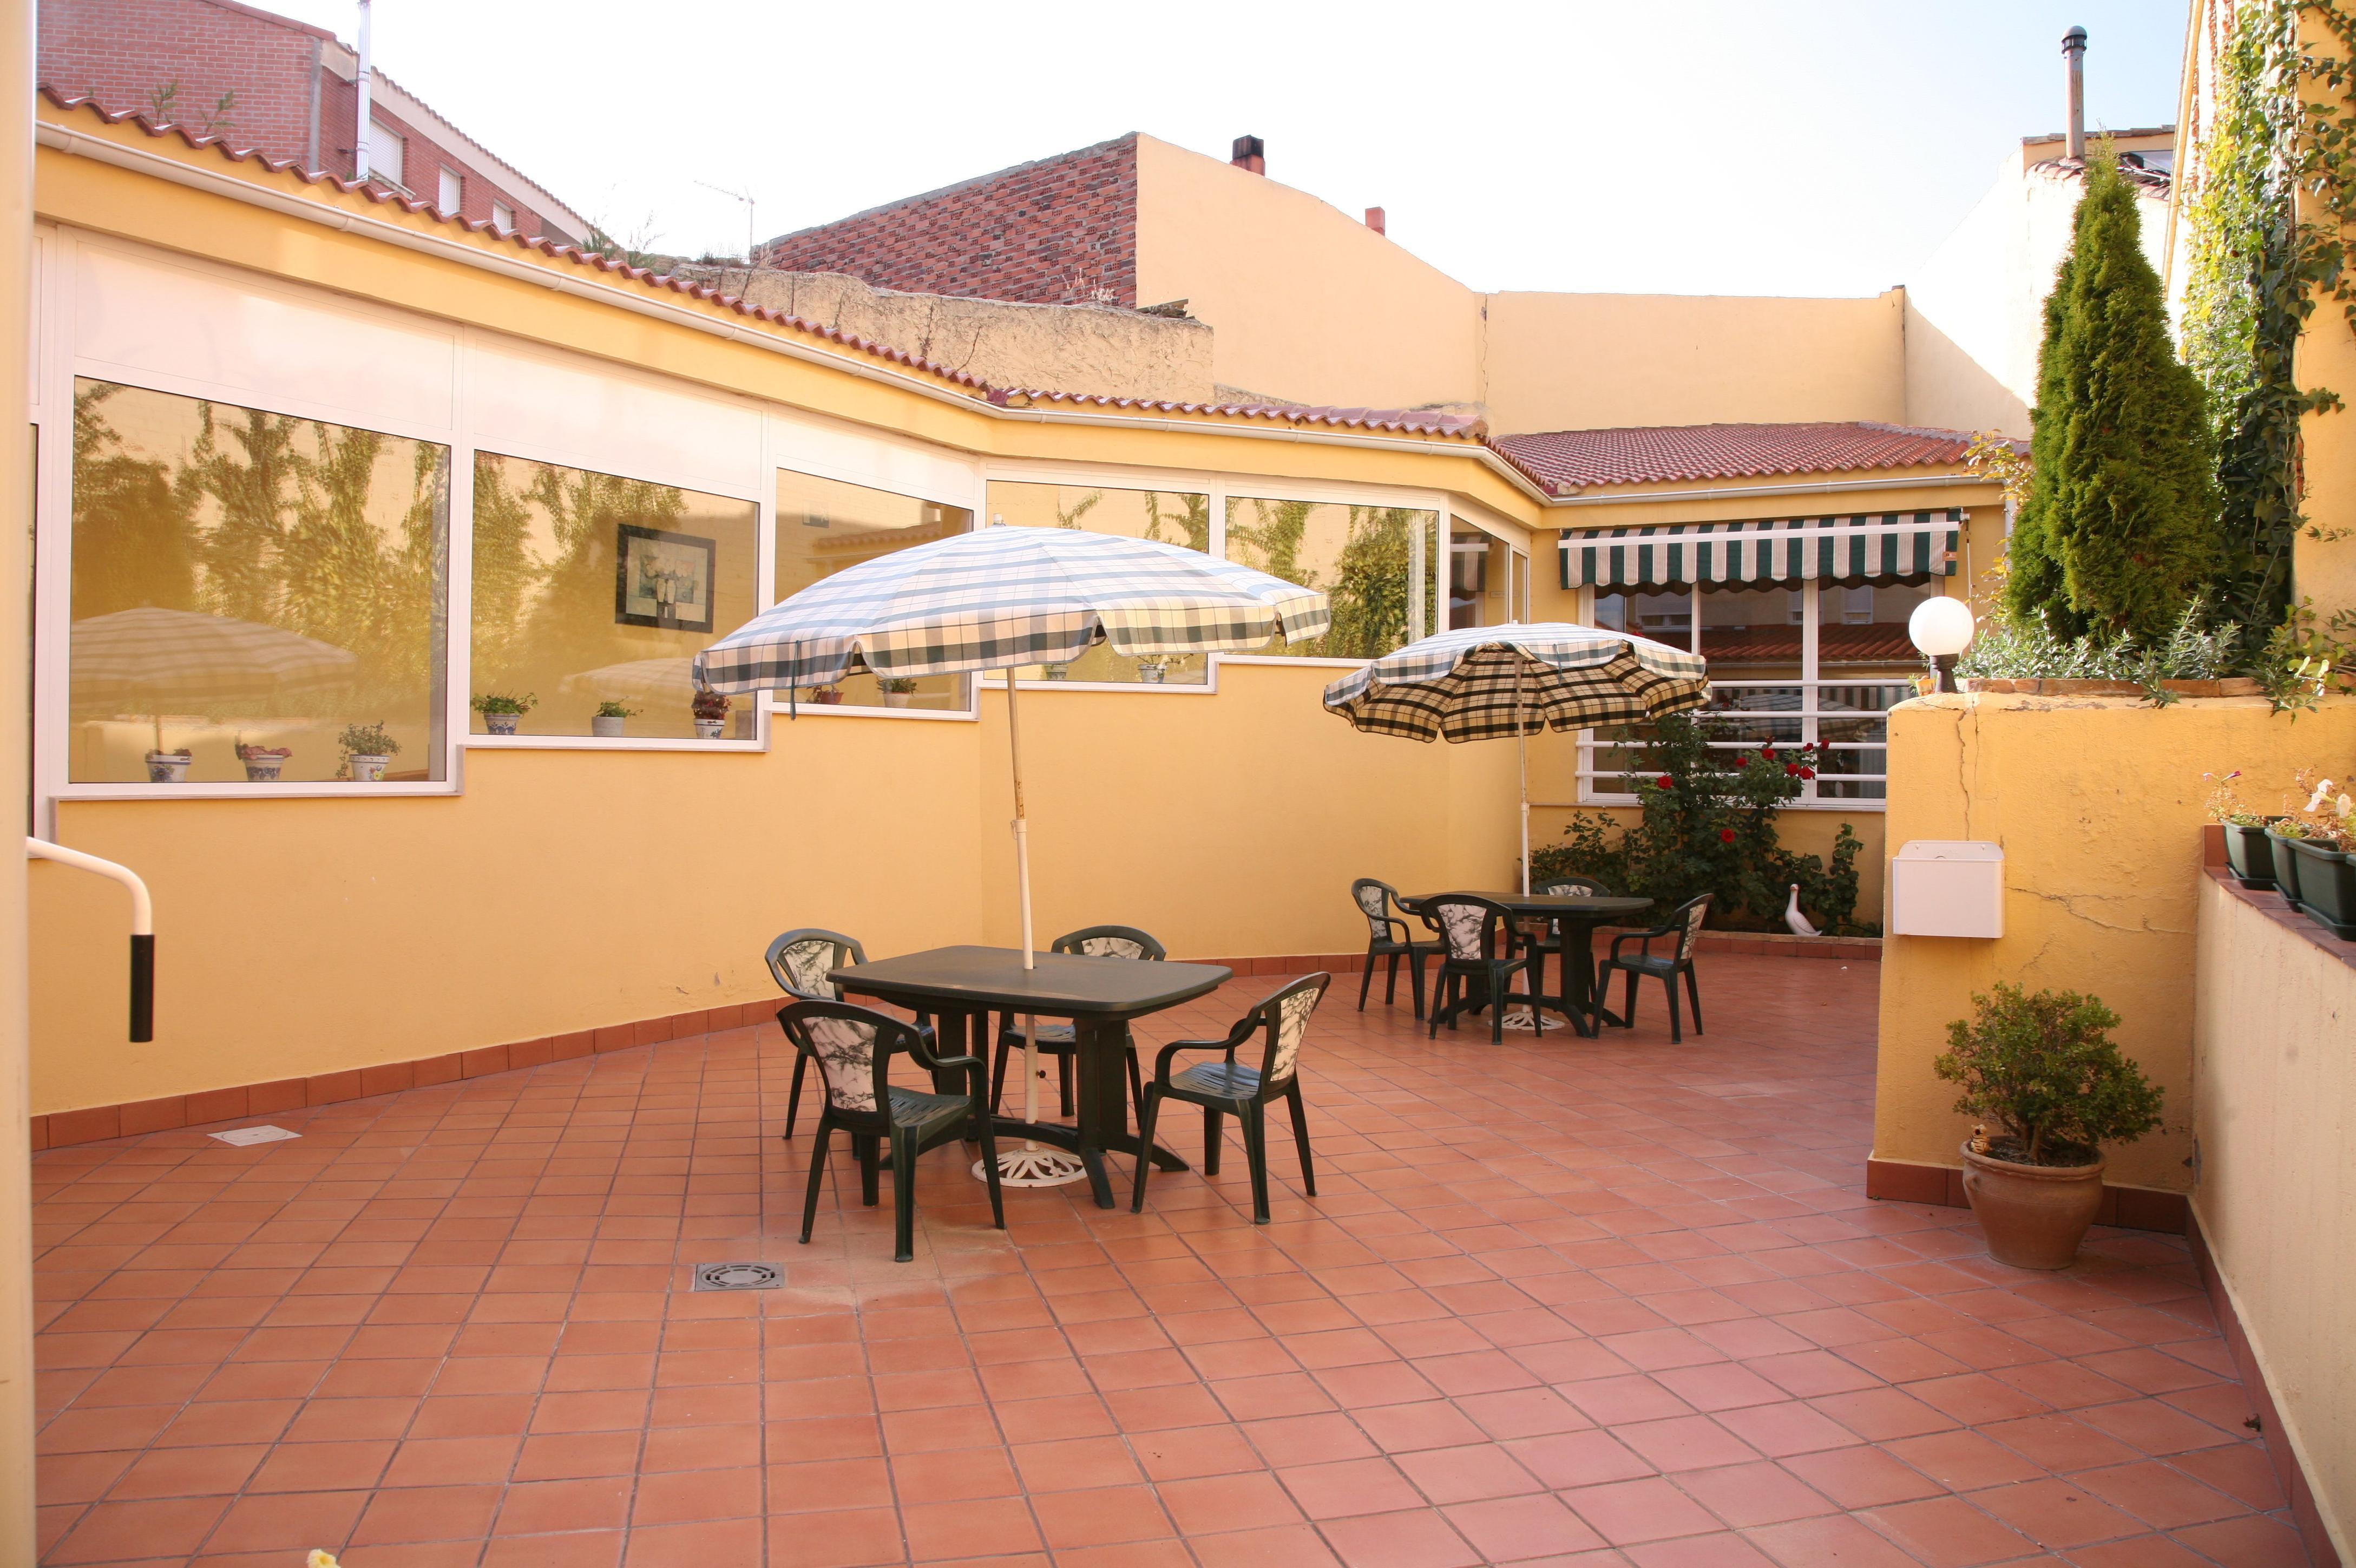 Foto 14 de Residencias geriátricas en Zaratán   Residencia para Personas Mayores Santa Ana